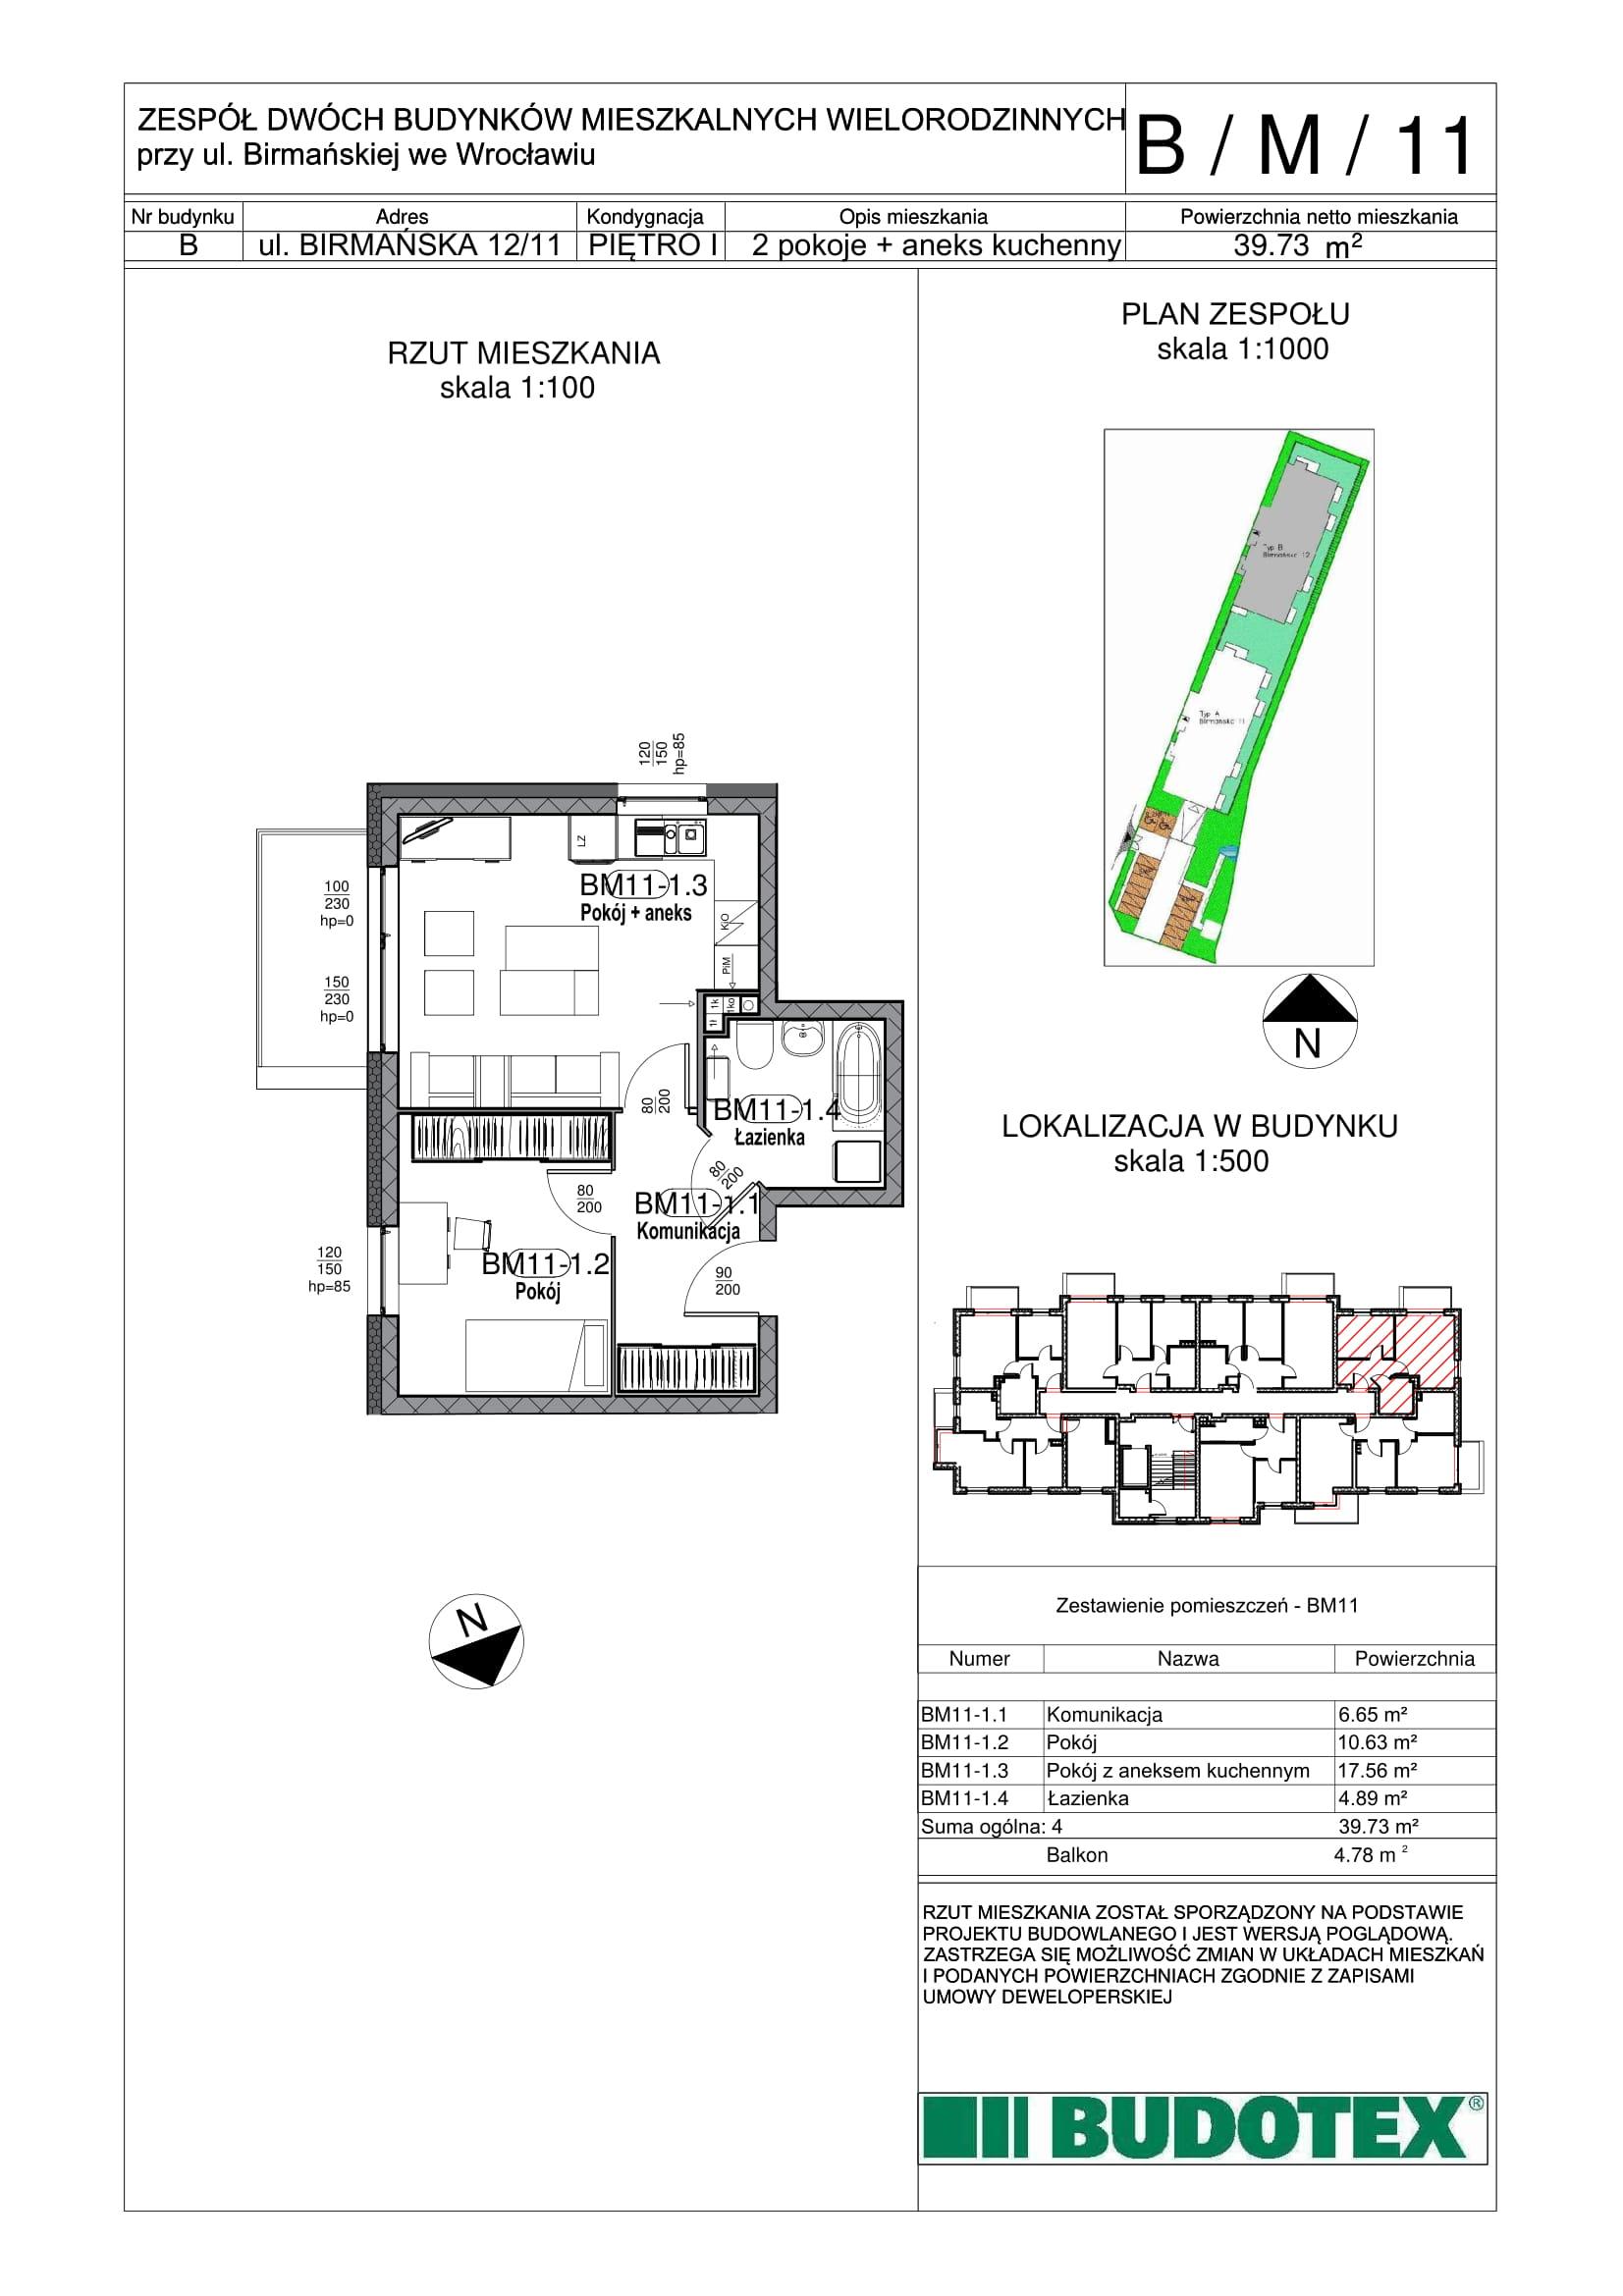 Mieszkanie nr B/M/11